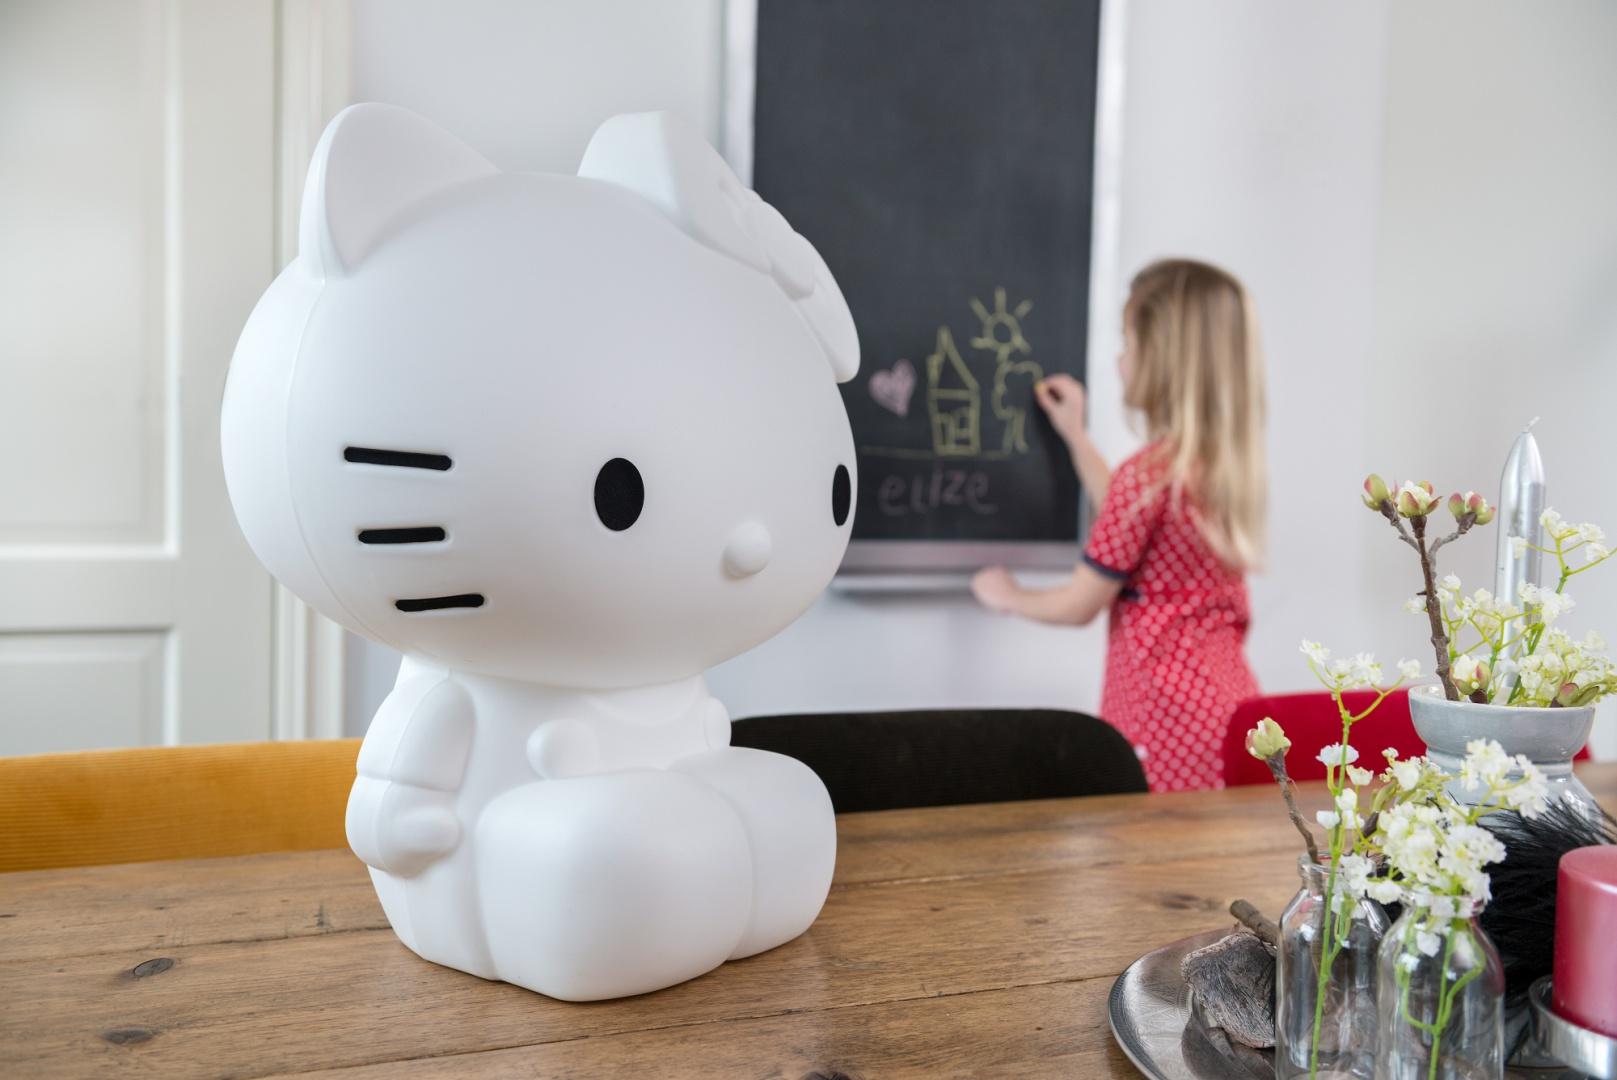 Lampa Hello Kitty pełni nie tylko rolę oświetlenia. W ciągu dnia, gdy jest wyłączona, będzie modną dekoracją pokoju córki. Fot. Maiden.